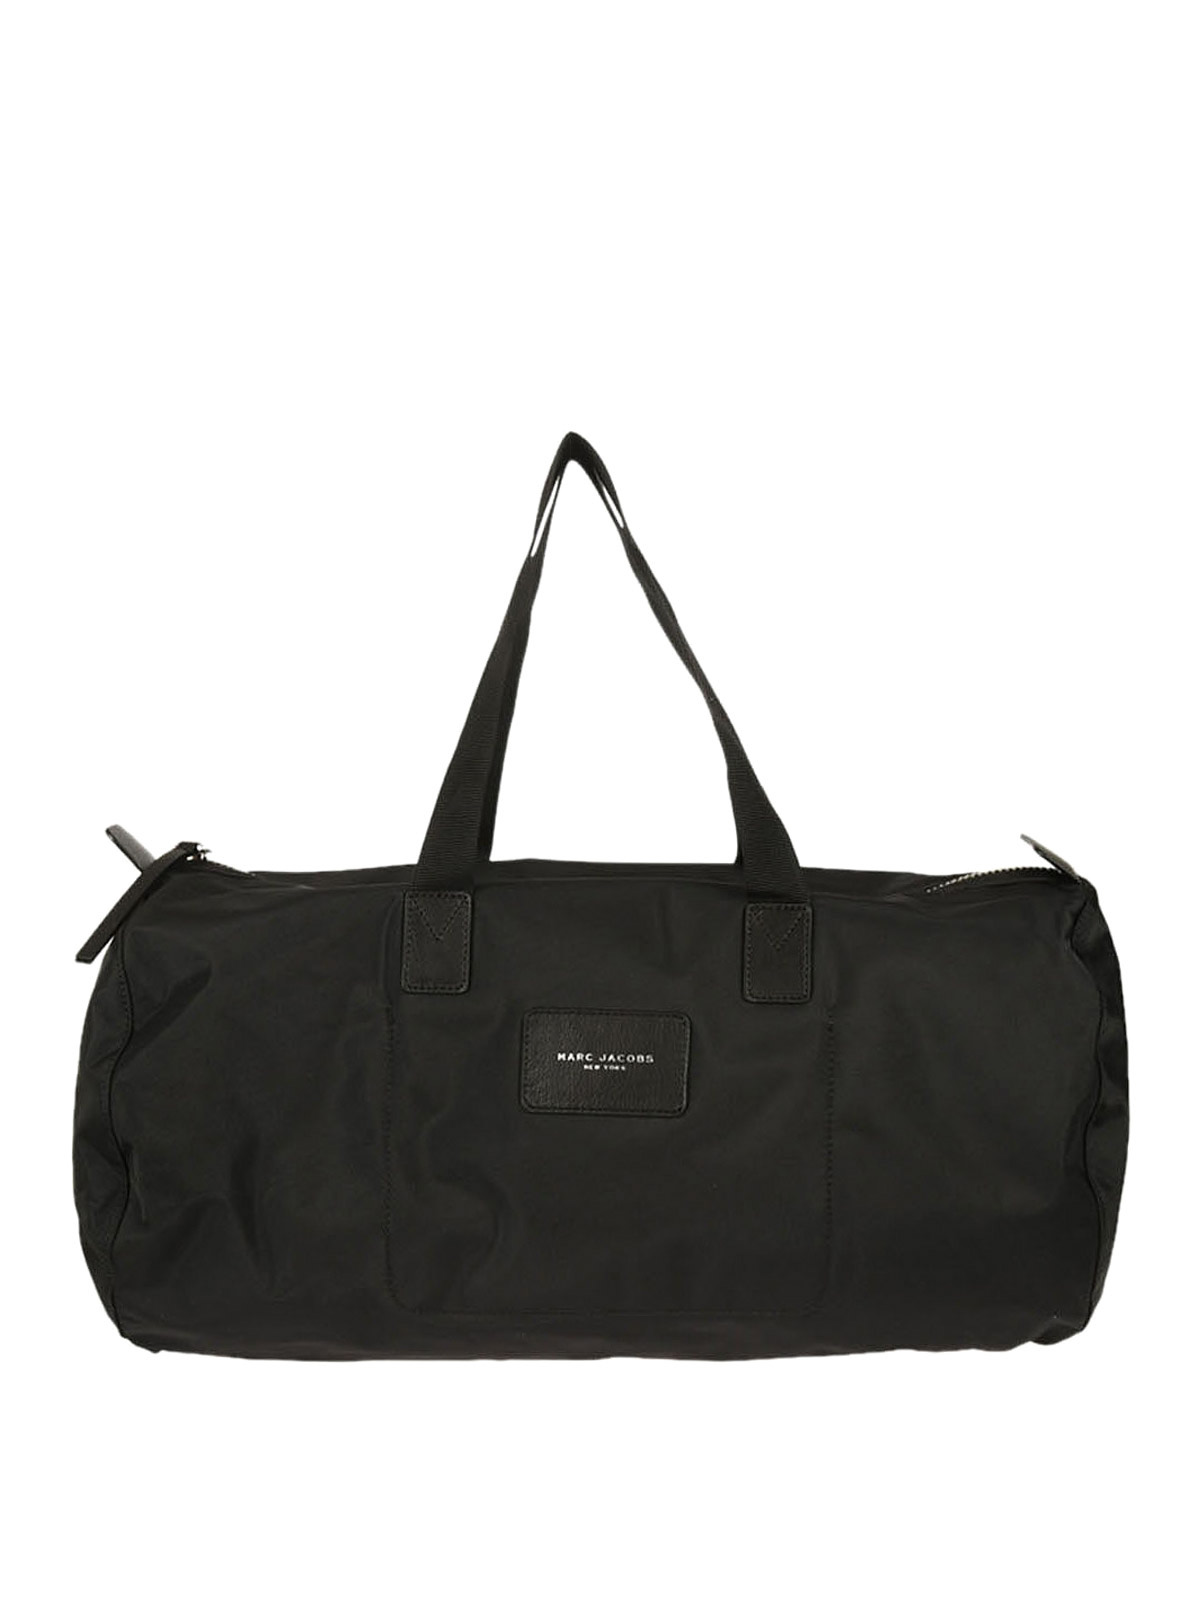 Marc Jacobs Reisetasche Schwarz Koffer Und Reisetaschen